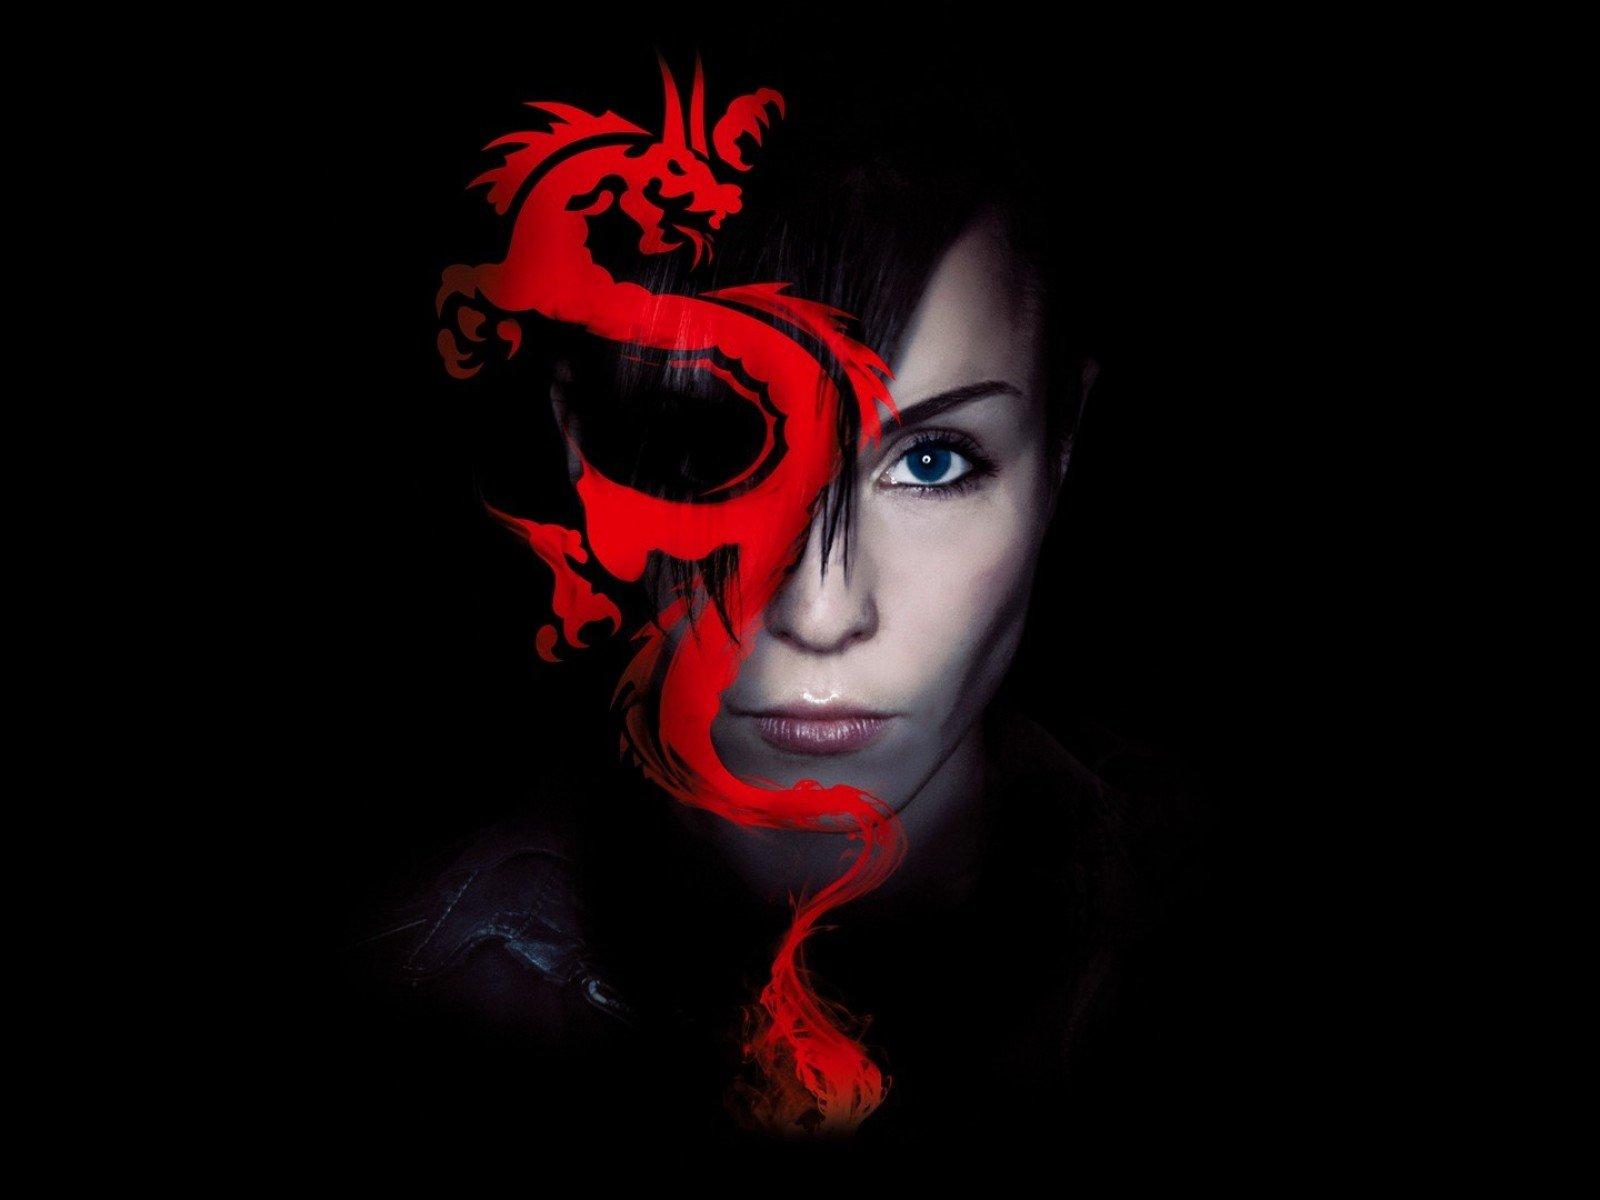 dragon tattoo hd wallpaper - photo #42